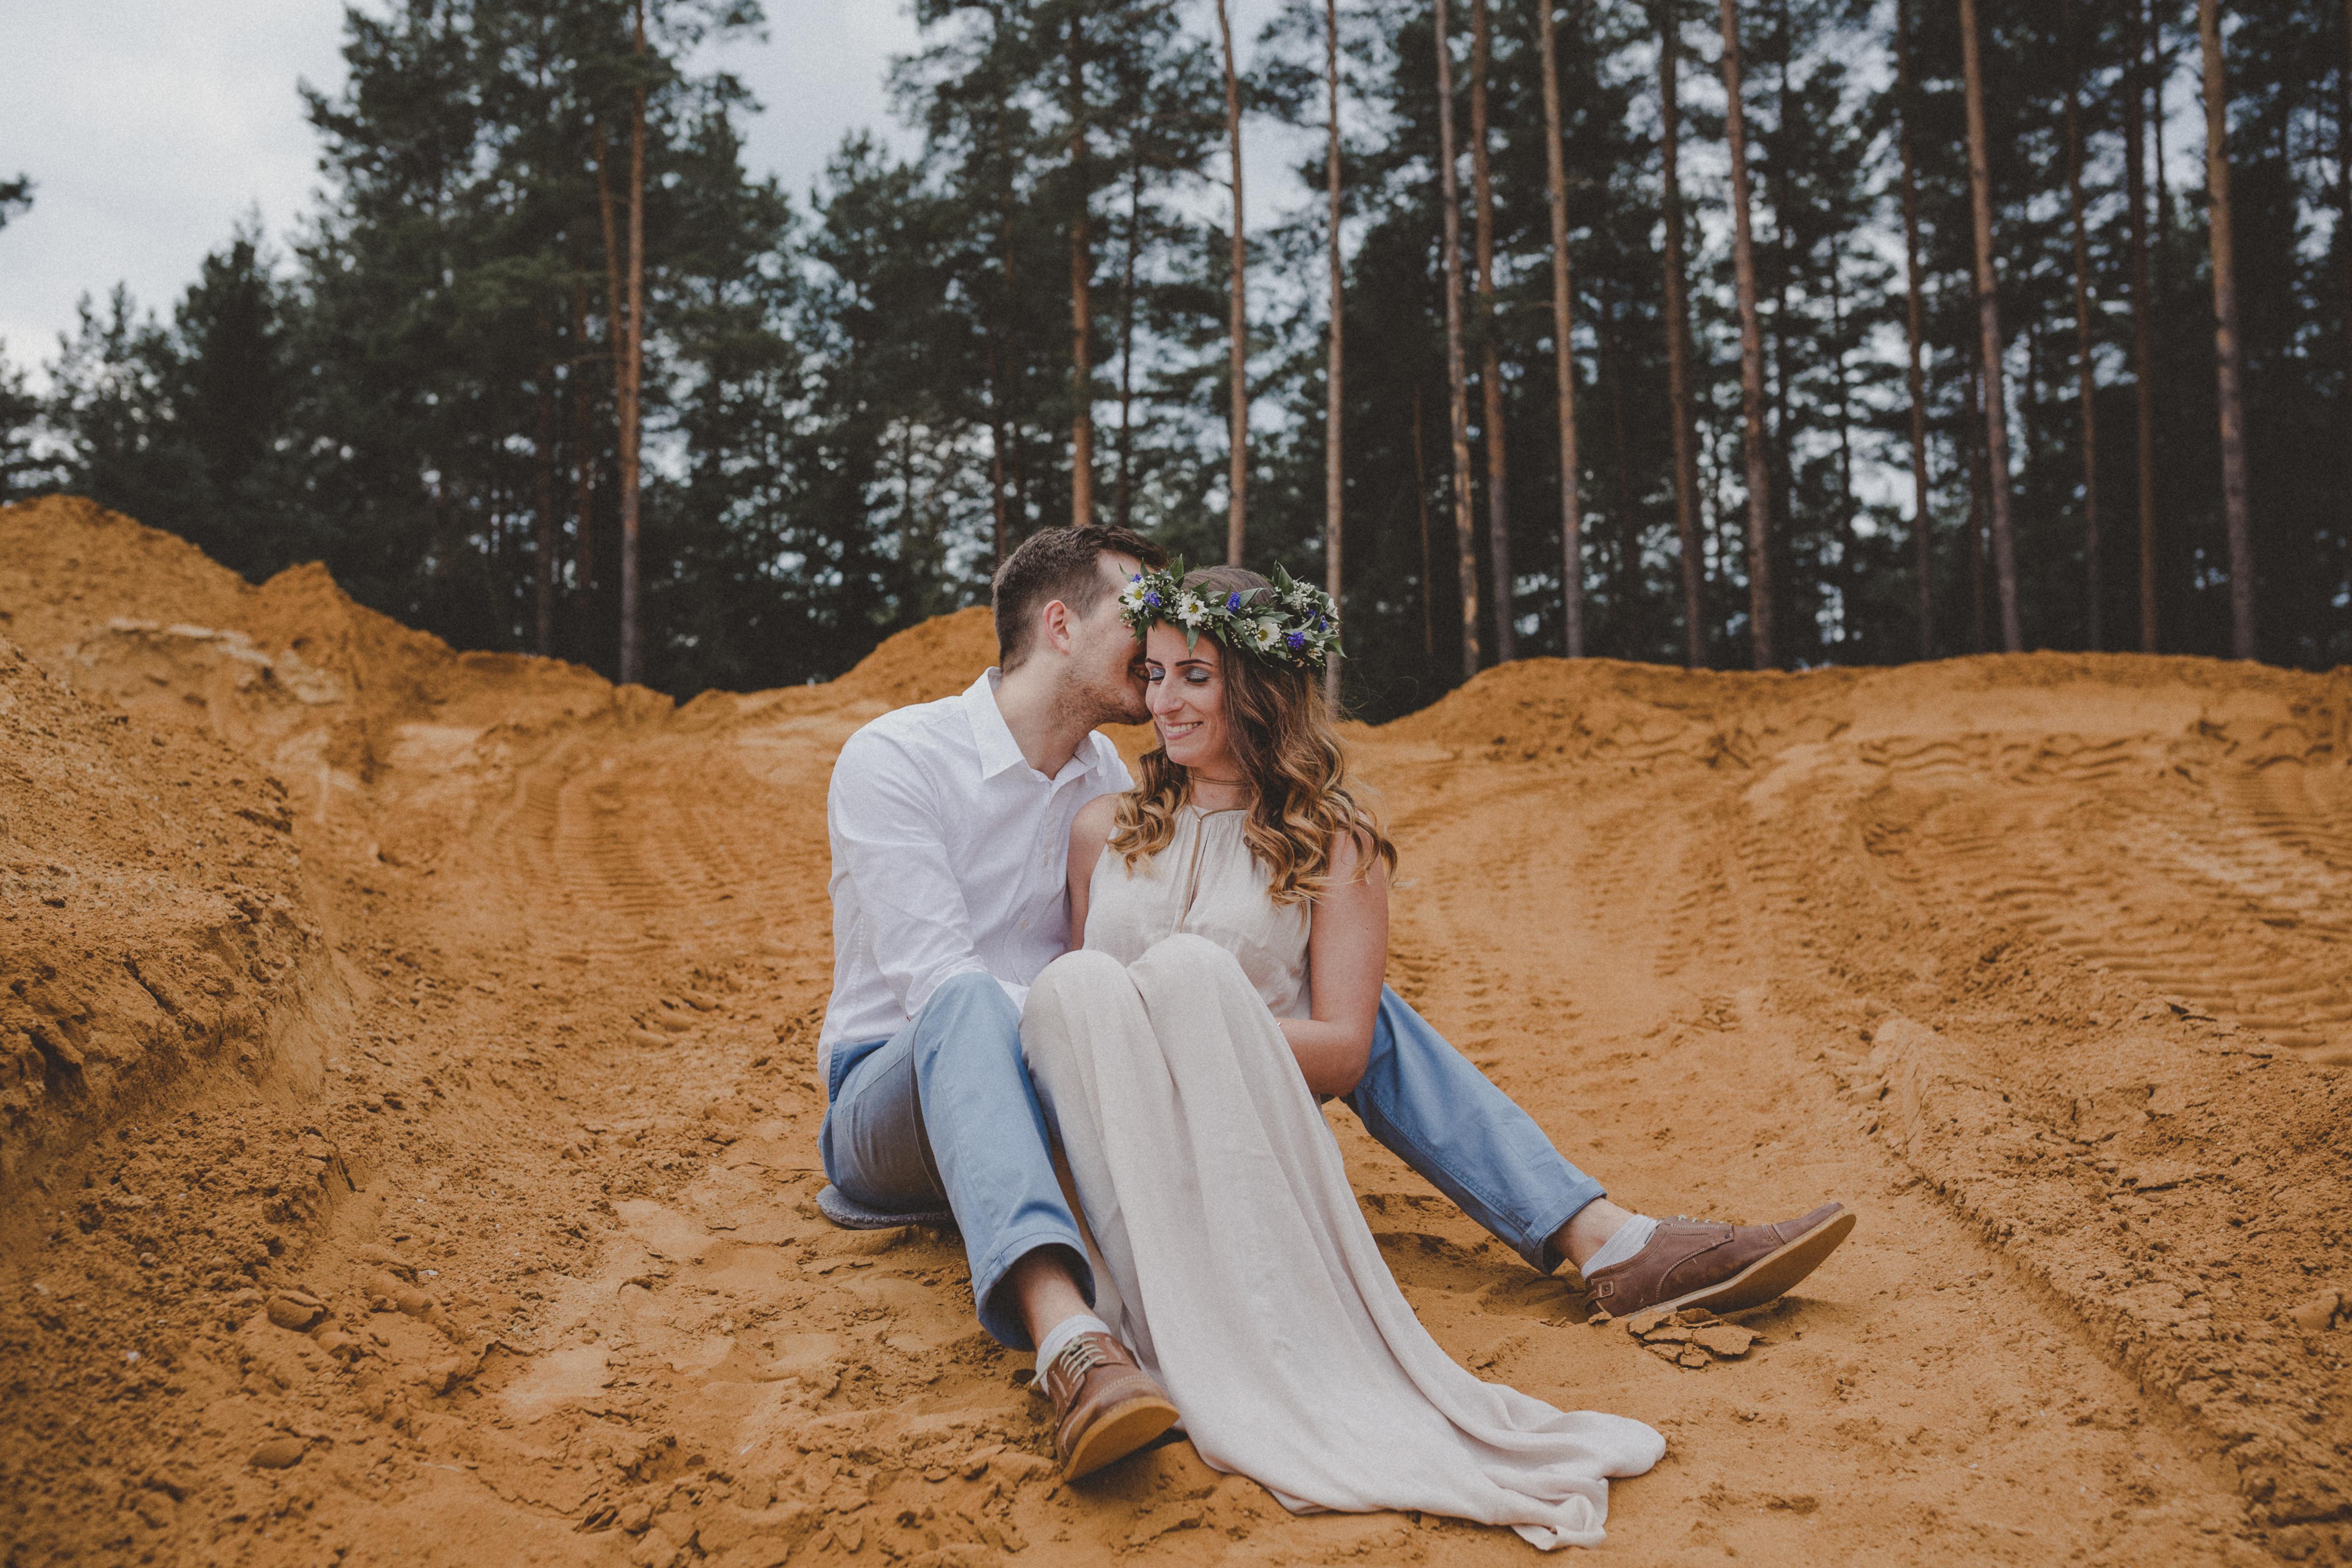 URBANERIE_Daniela_Goth_Hochzeitsfotografin_Nürnberg_Fürth_Erlangen_Schwabach_170415_002_0078